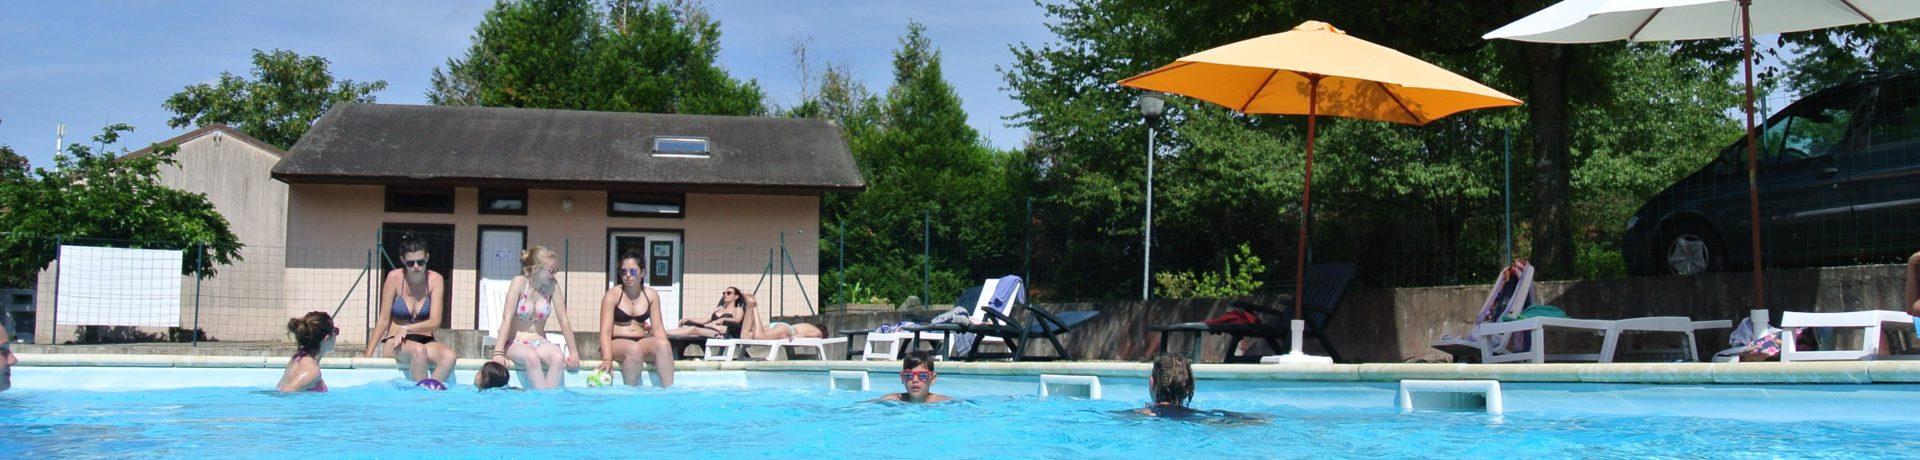 Camping du Breuil is een groene gezinscamping vlakbij de thermen van Bourbon-Lancy omgeven door de uitbundige natuur van de Bourgogne.